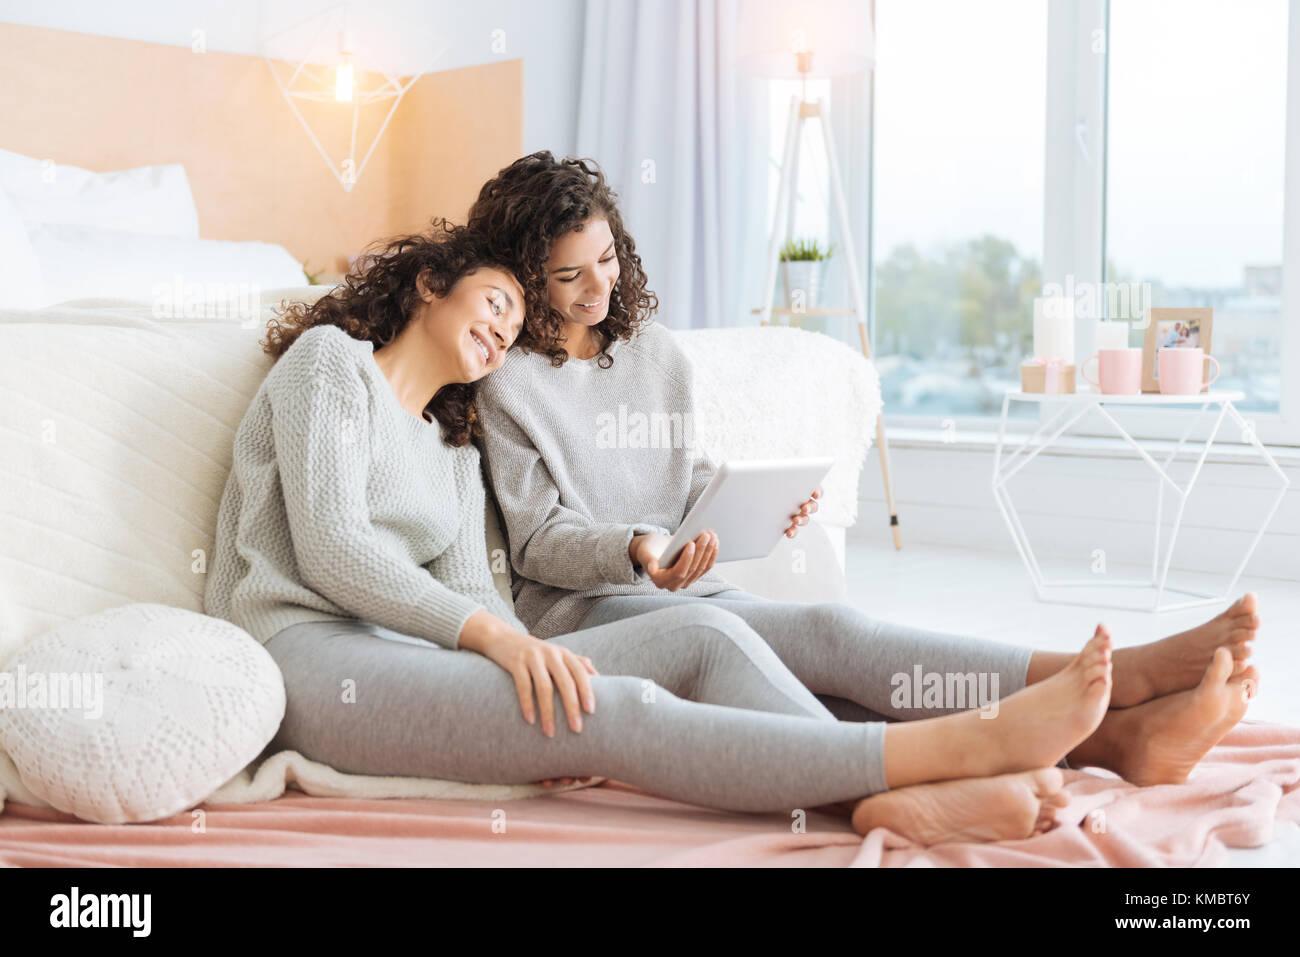 Frères et sœurs d'amour à regarder des vidéos sur l'ensemble du pavé tactile Photo Stock